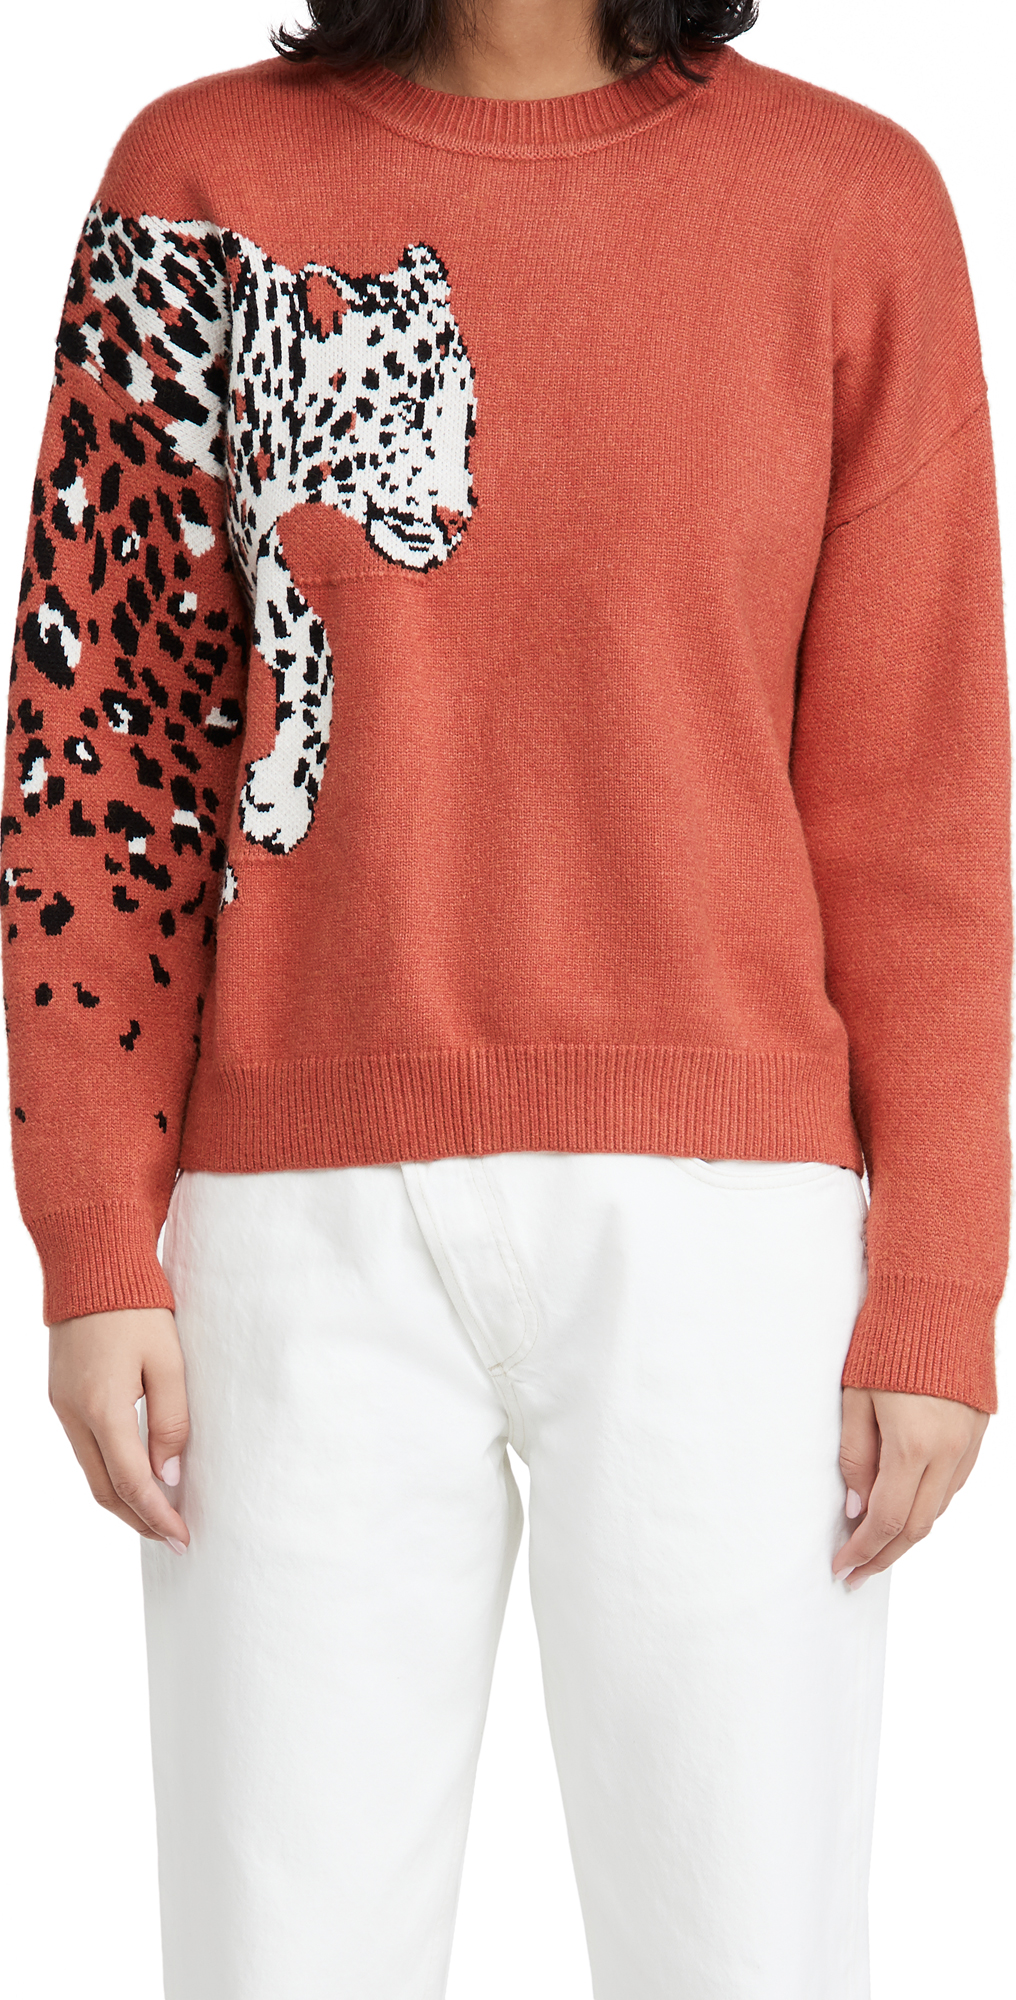 MINKPINK Feline Knit Sweater